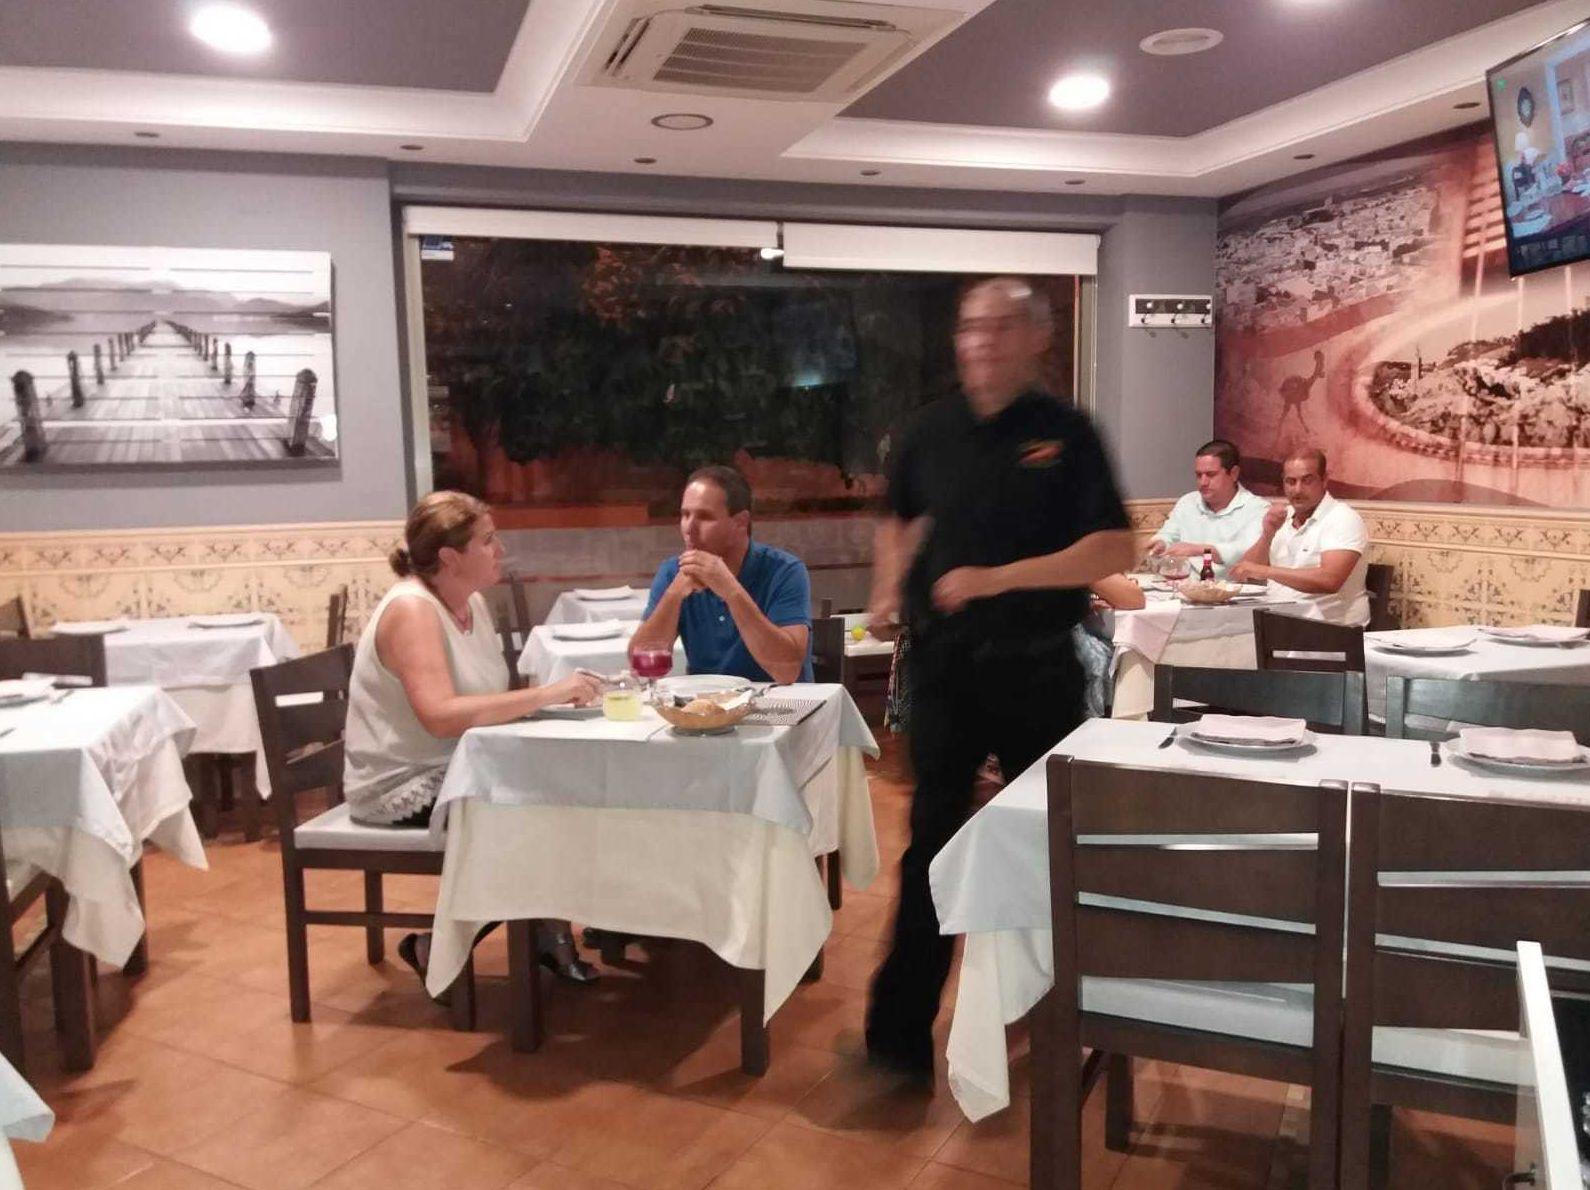 Restaurante de pescados y mariscos en Morón de la Frontera